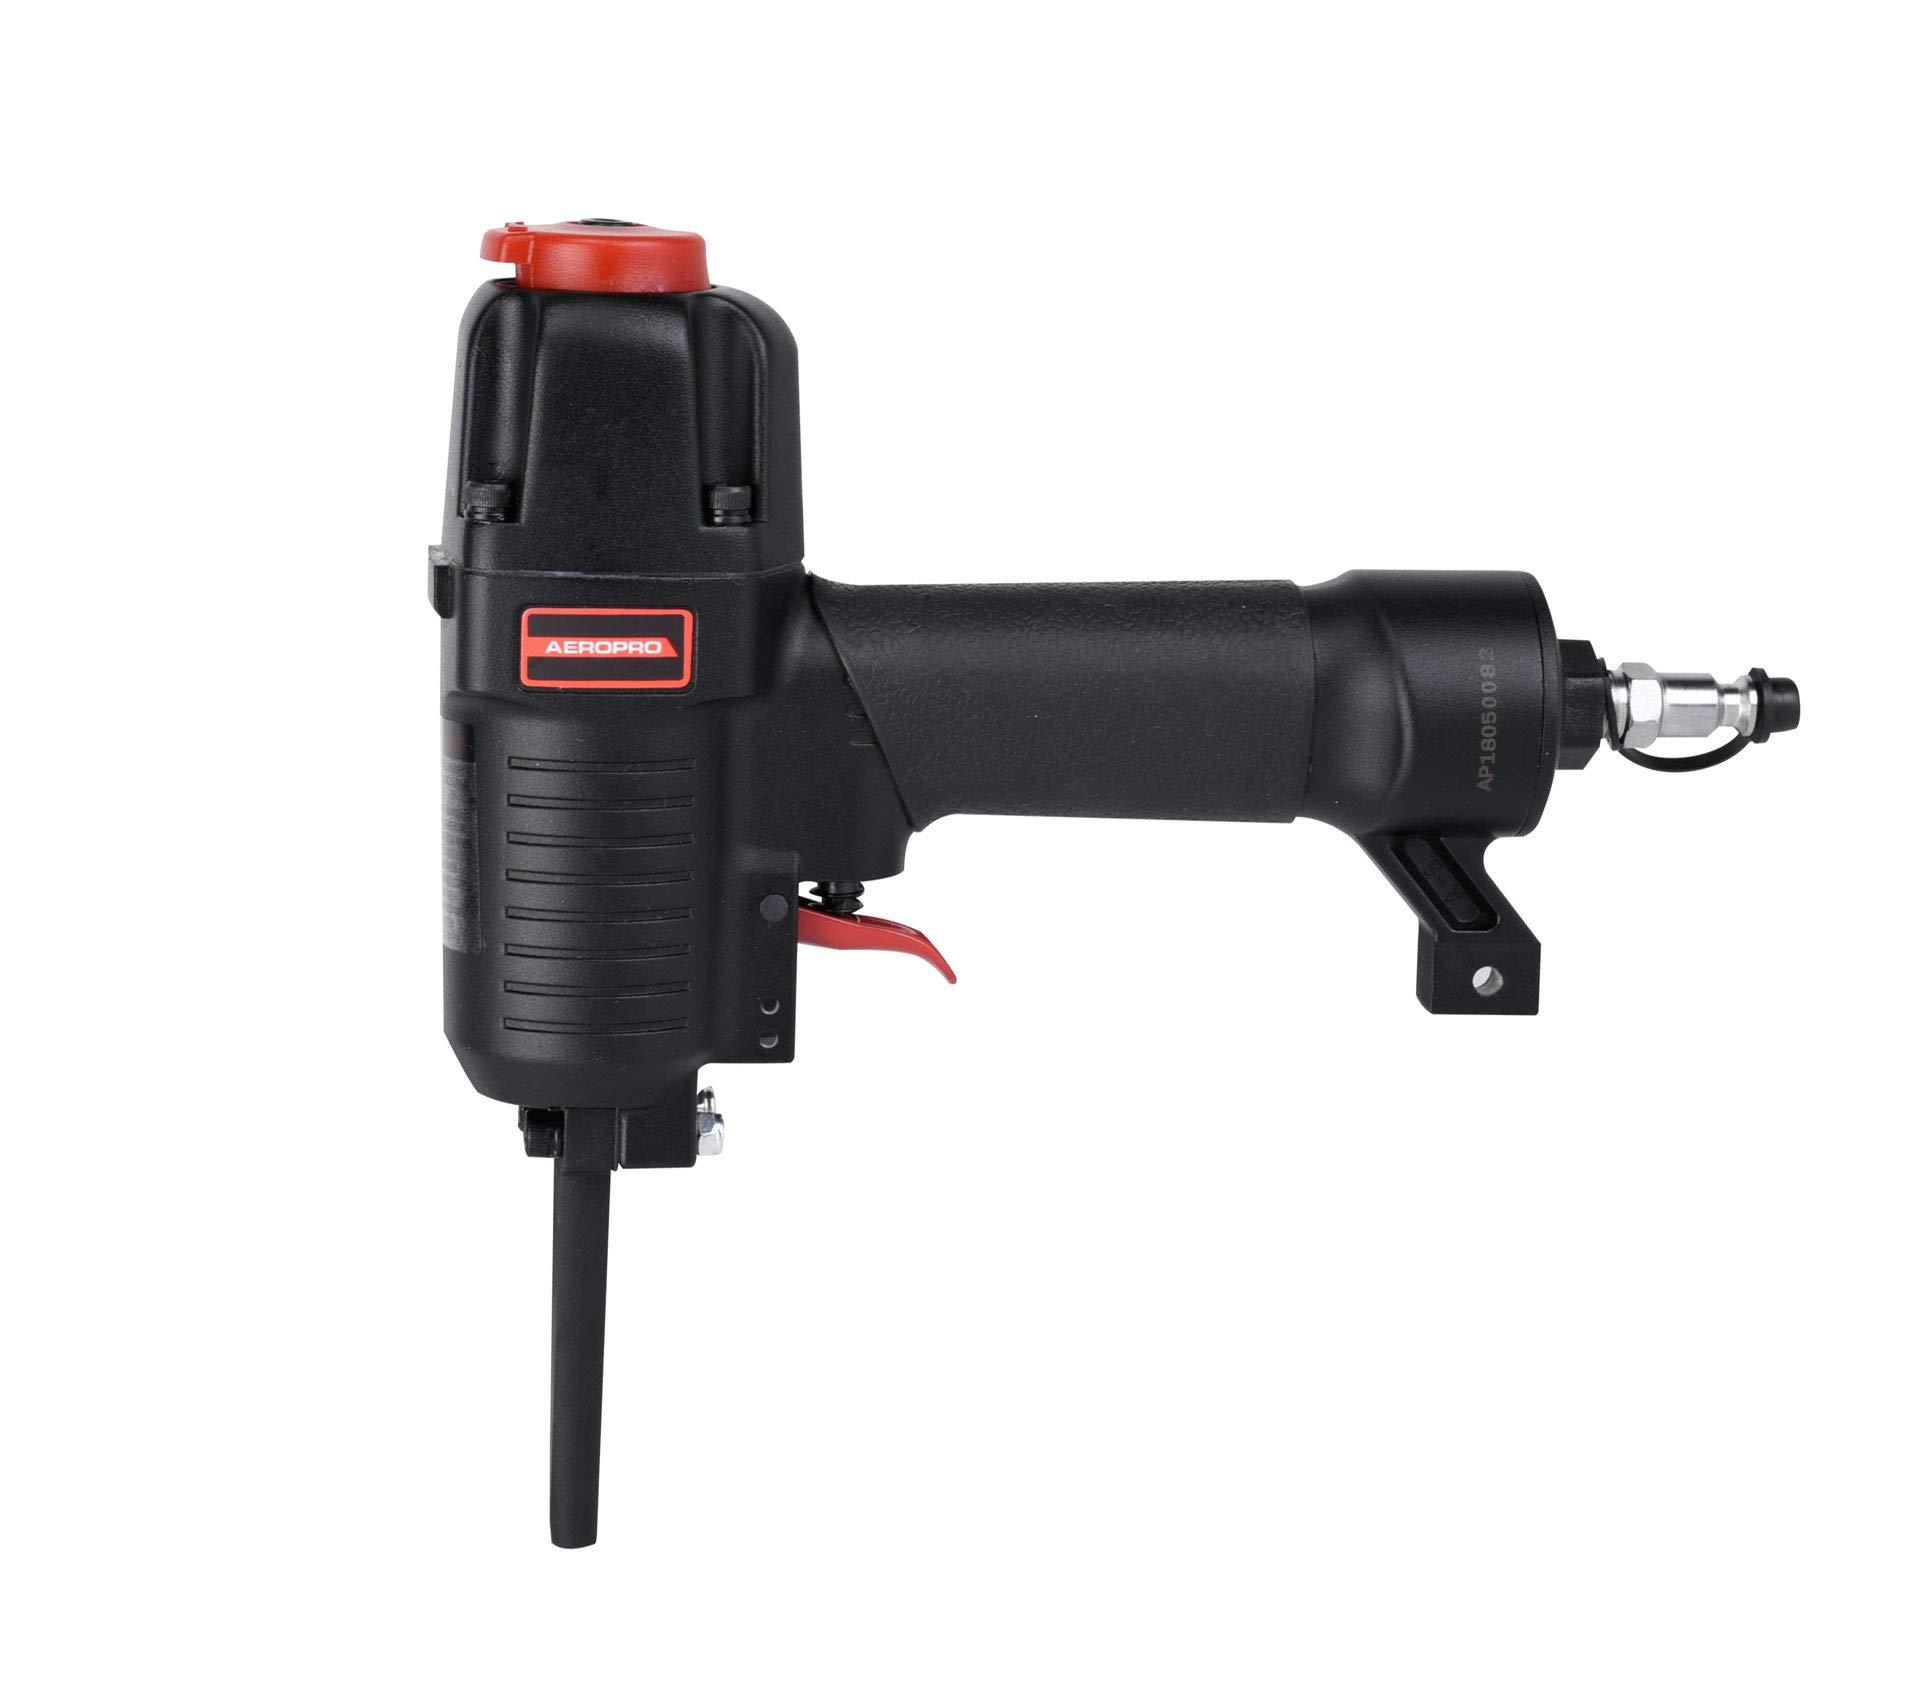 AeroPro 700V Pneumatic Punch Nailer/Nail Remover